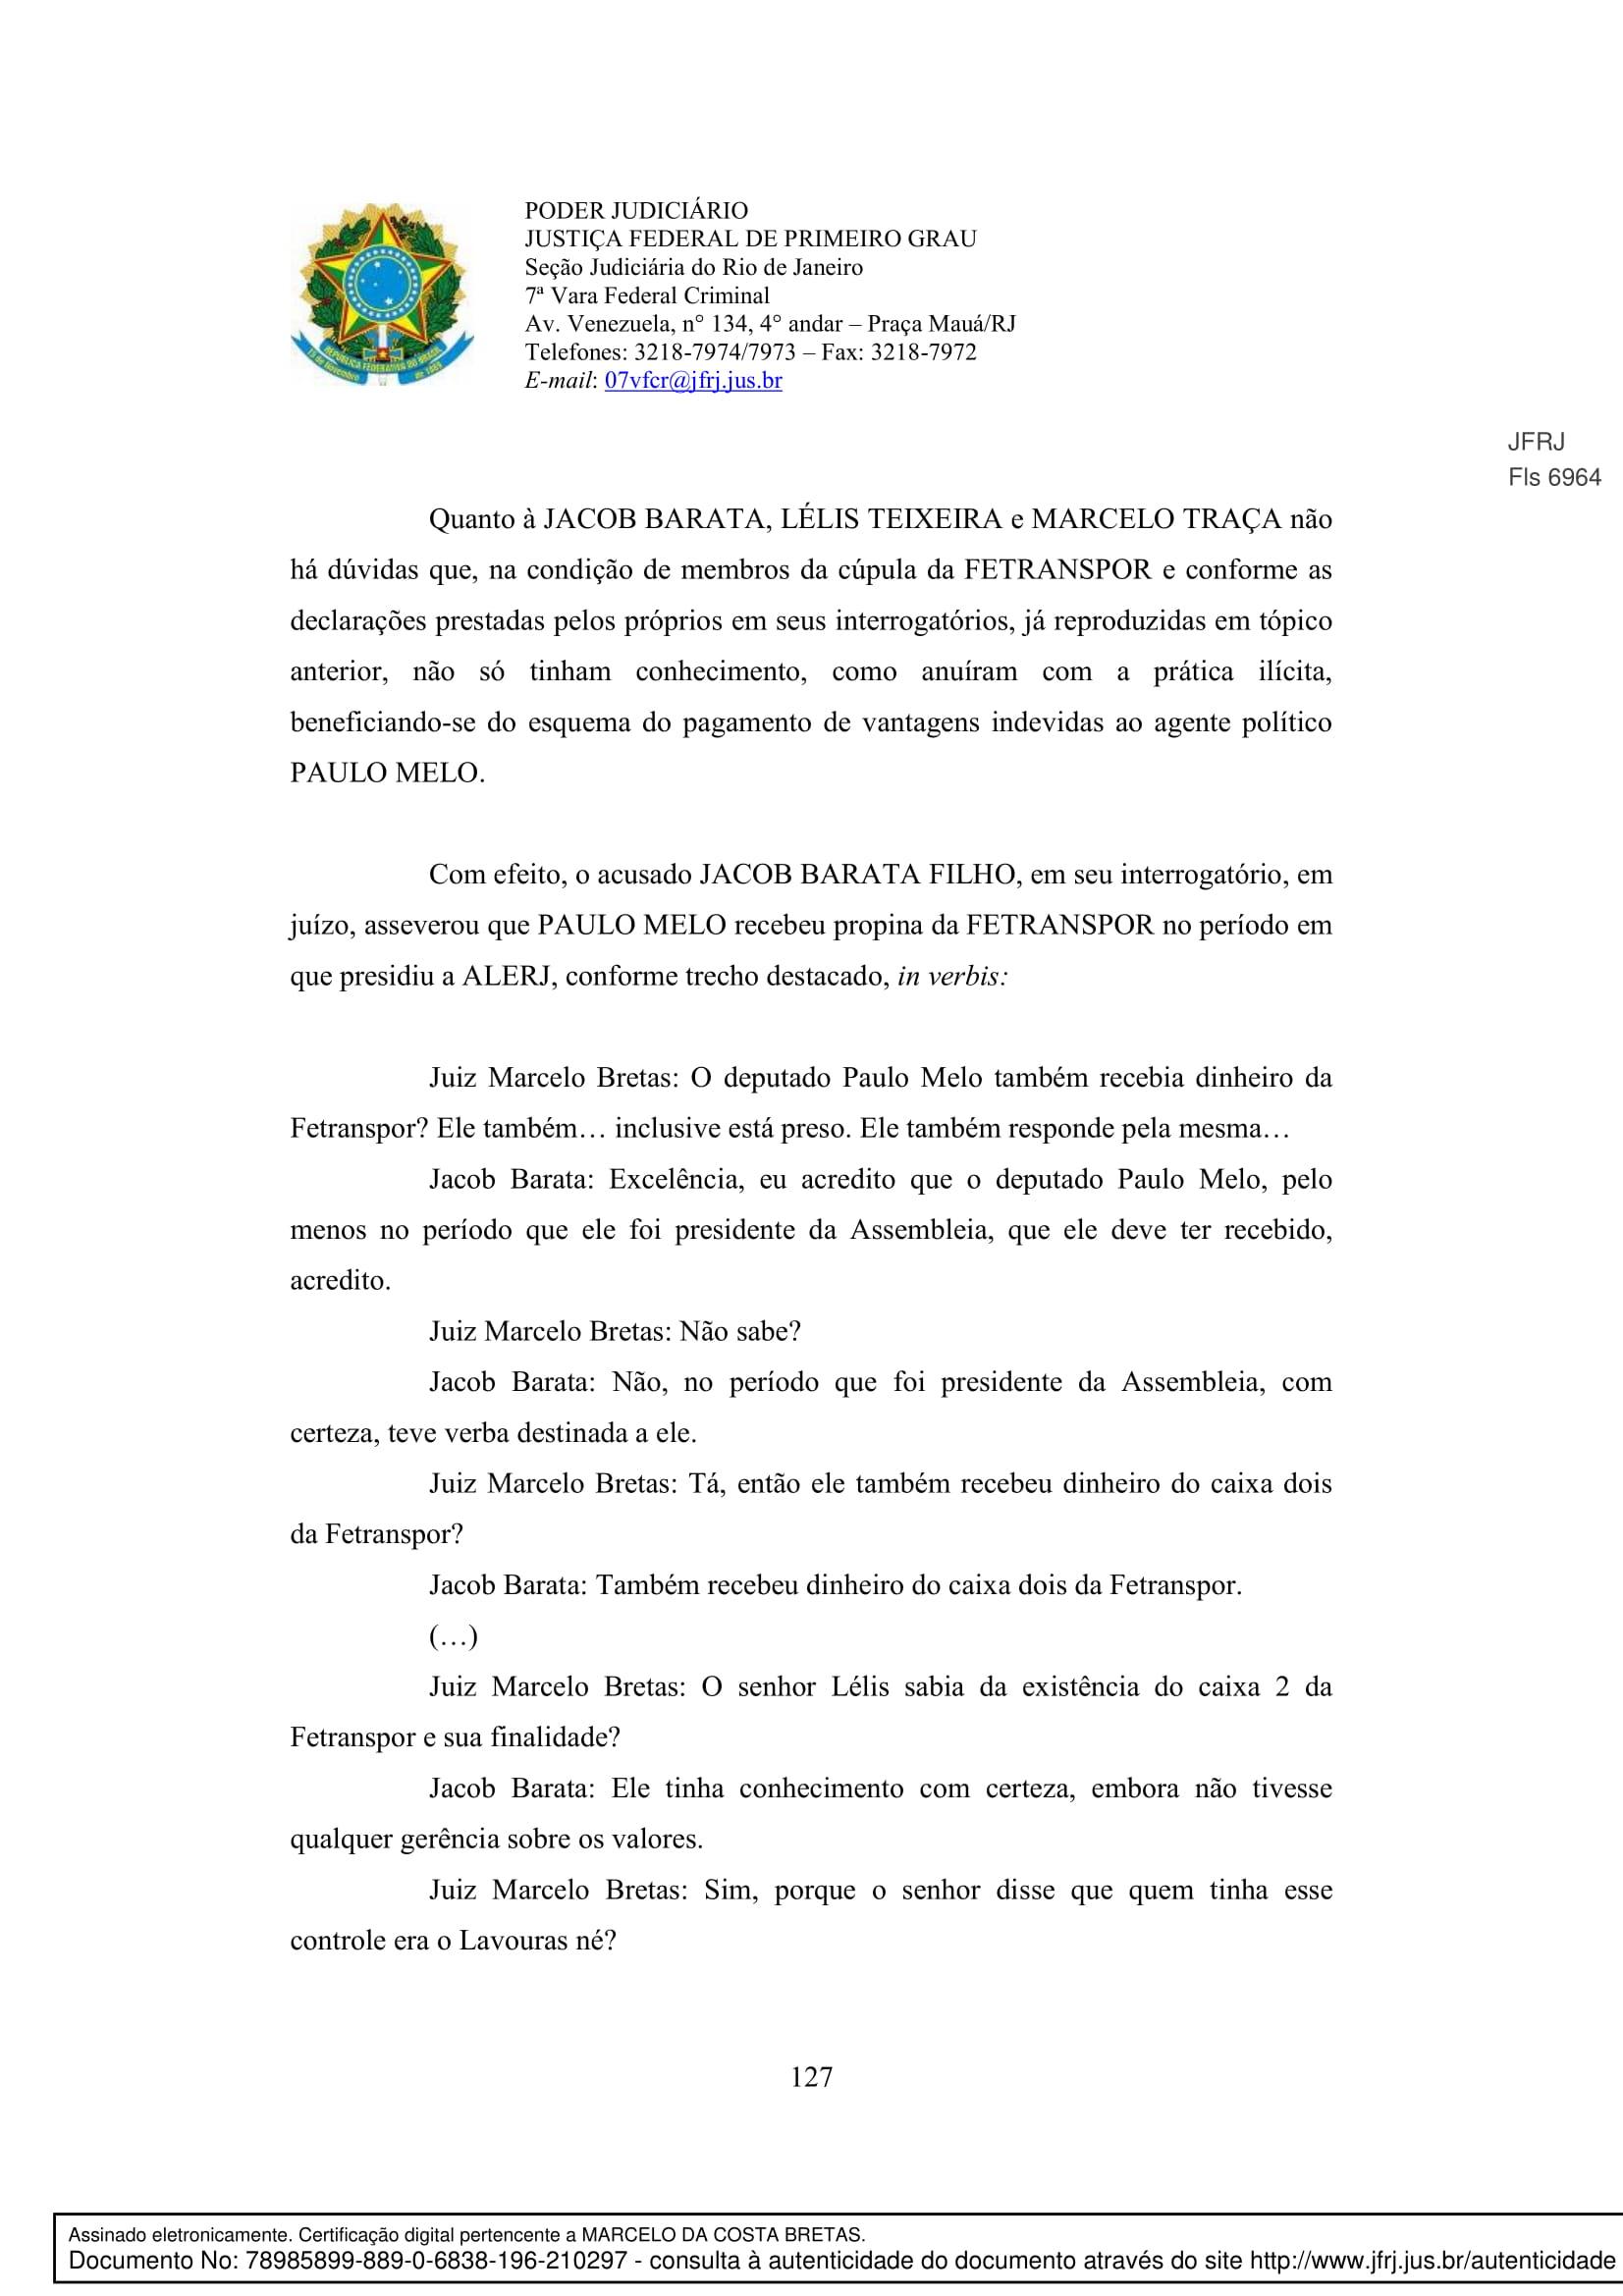 Sentenca-Cadeia-Velha-7VFC-127